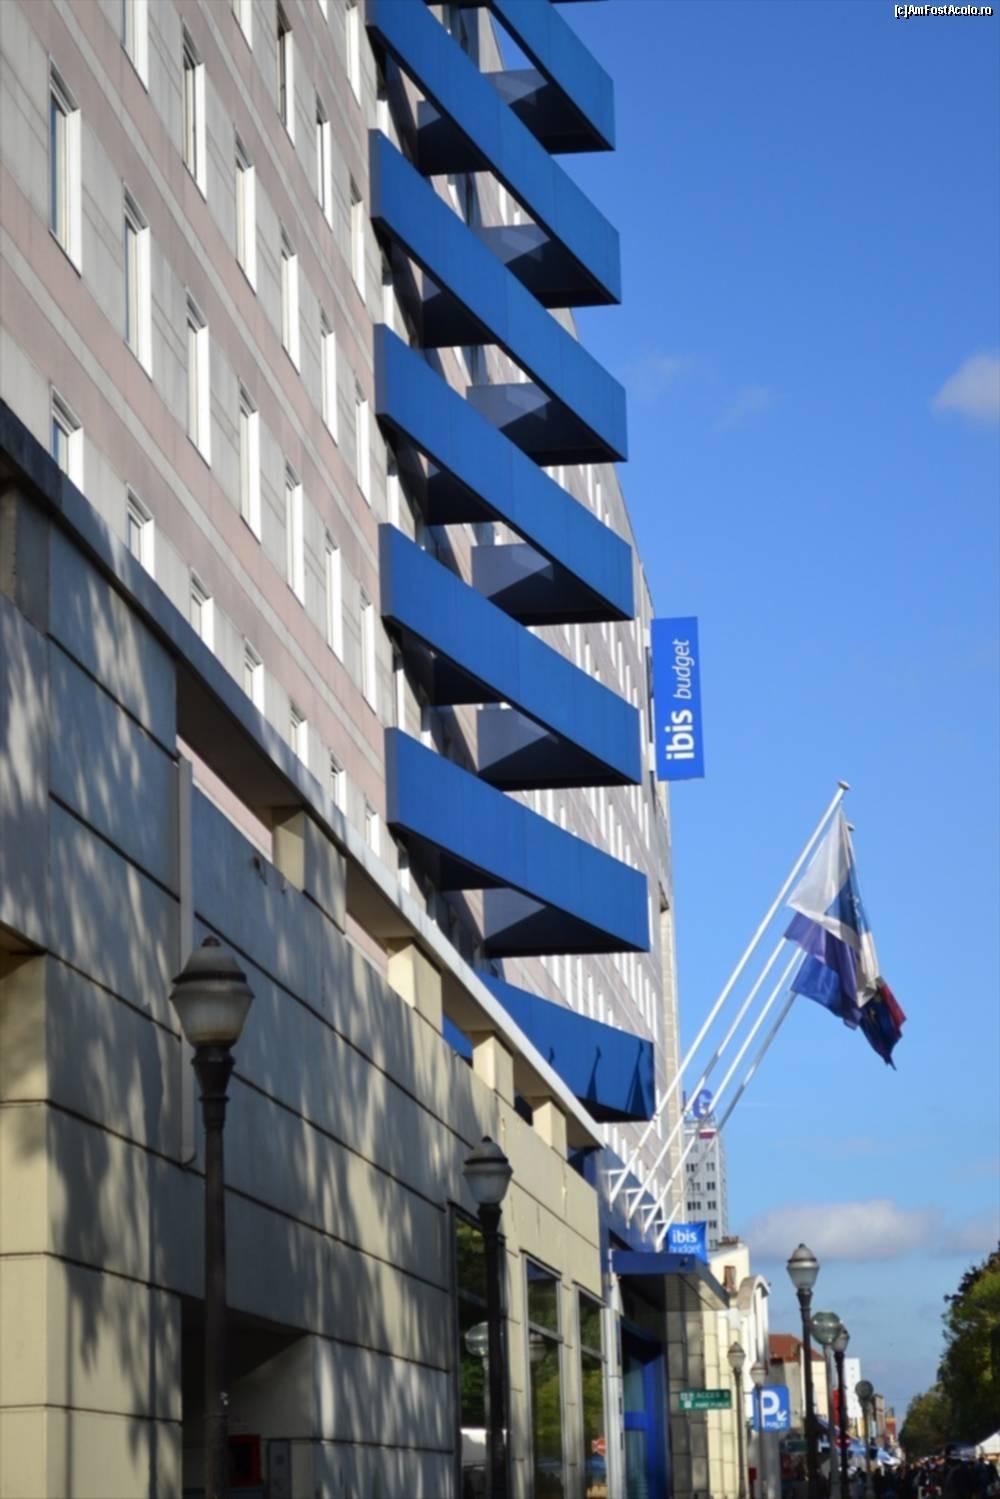 Poze ibis budget paris porte de montmartre ex etap paris - Ibis budget hotel paris porte de montmartre ...